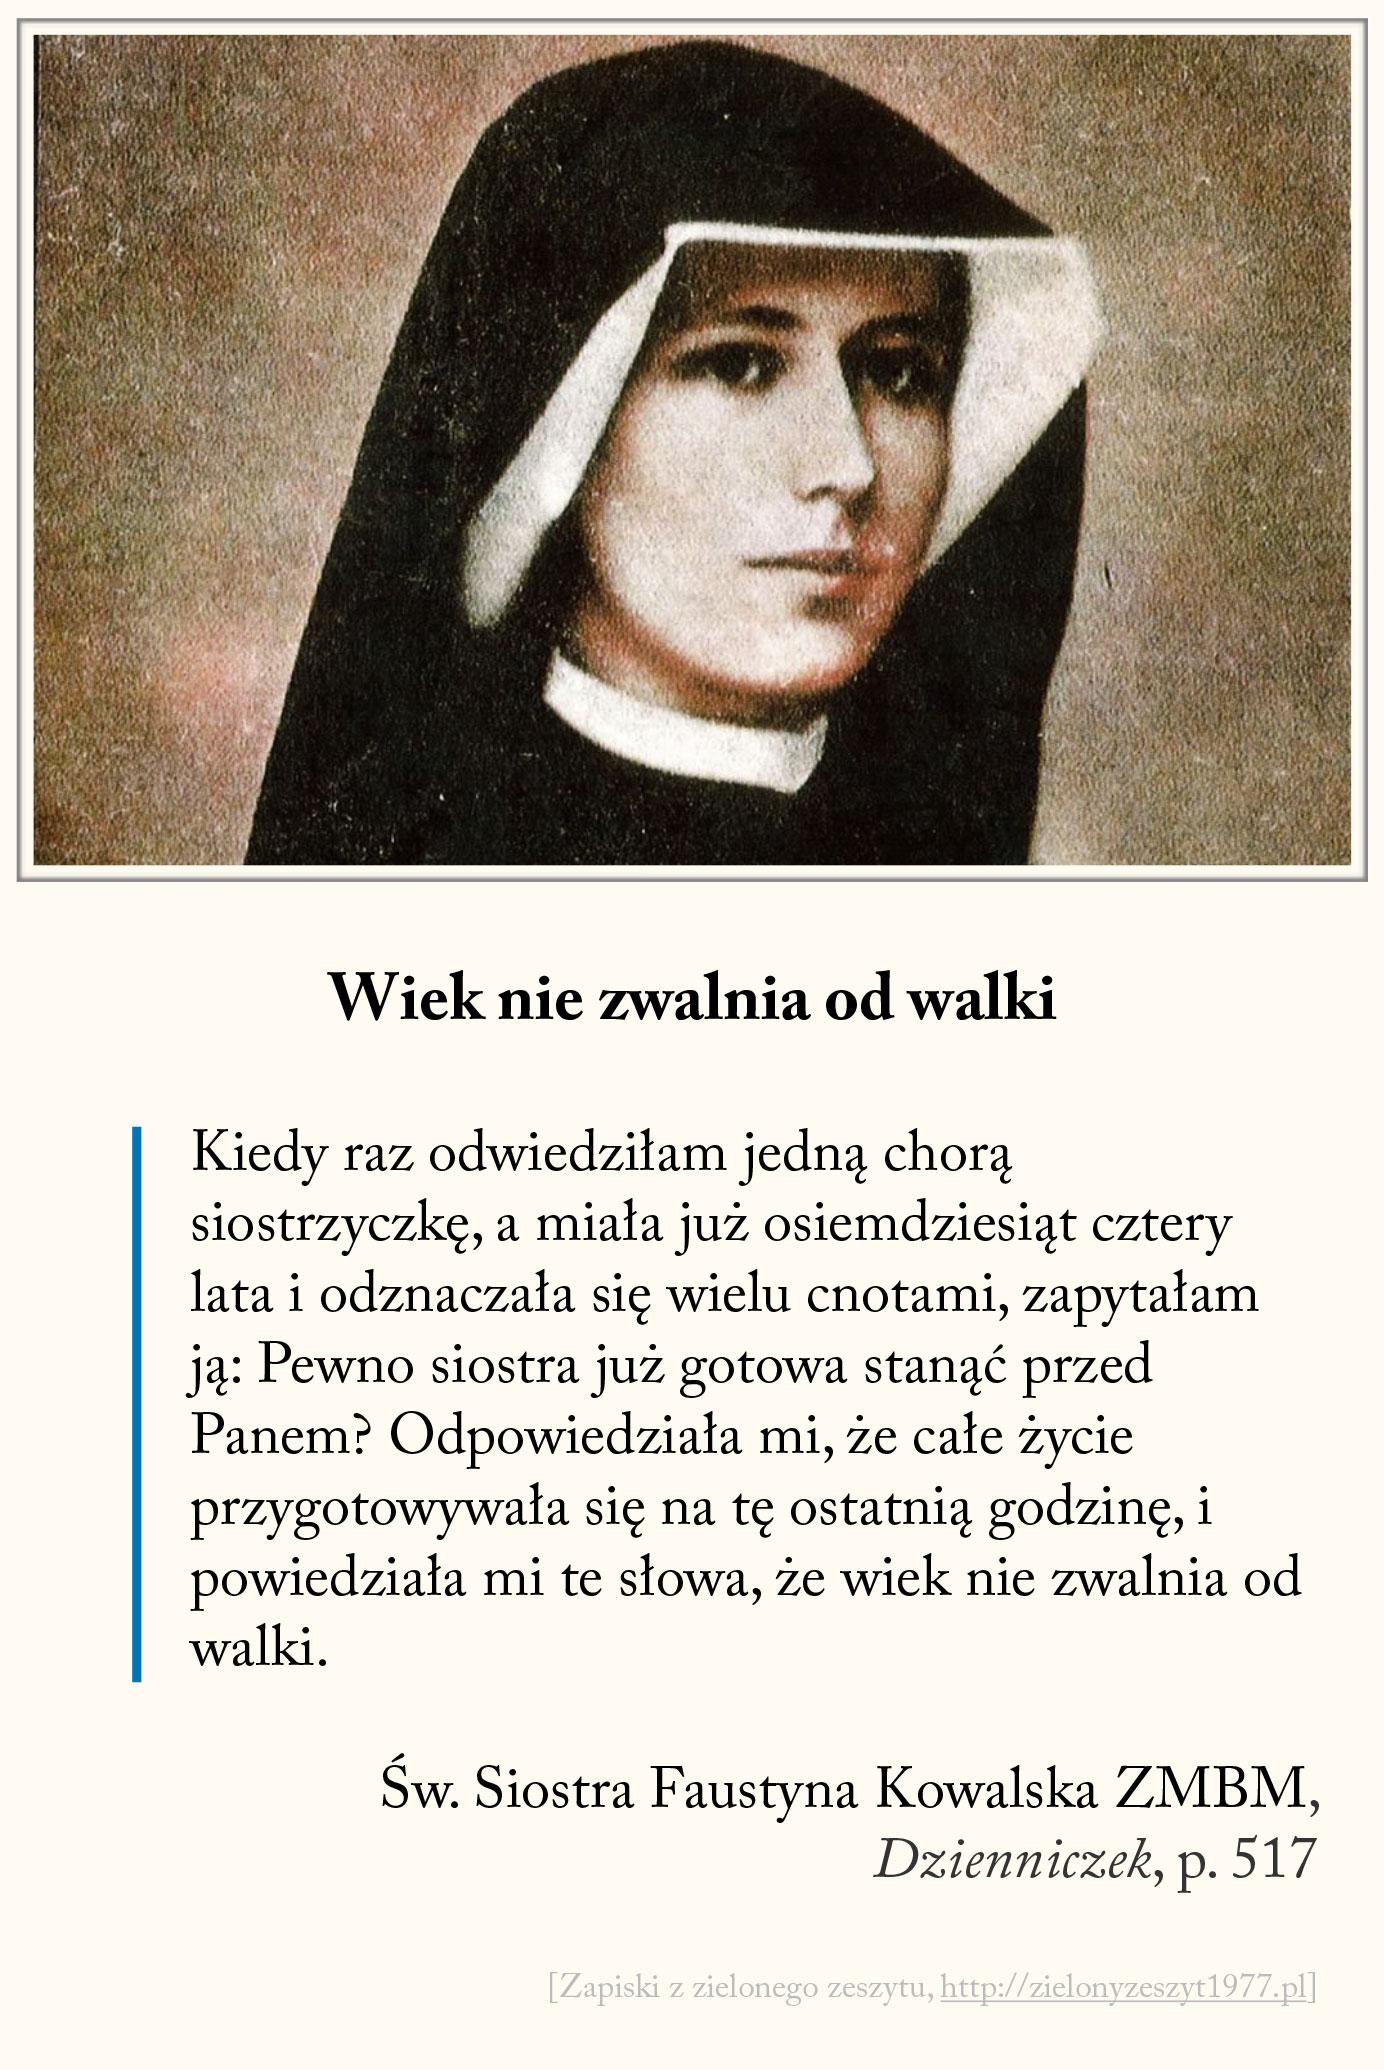 Wiek nie zwalnia od walki, św. Faustyna Kowalska